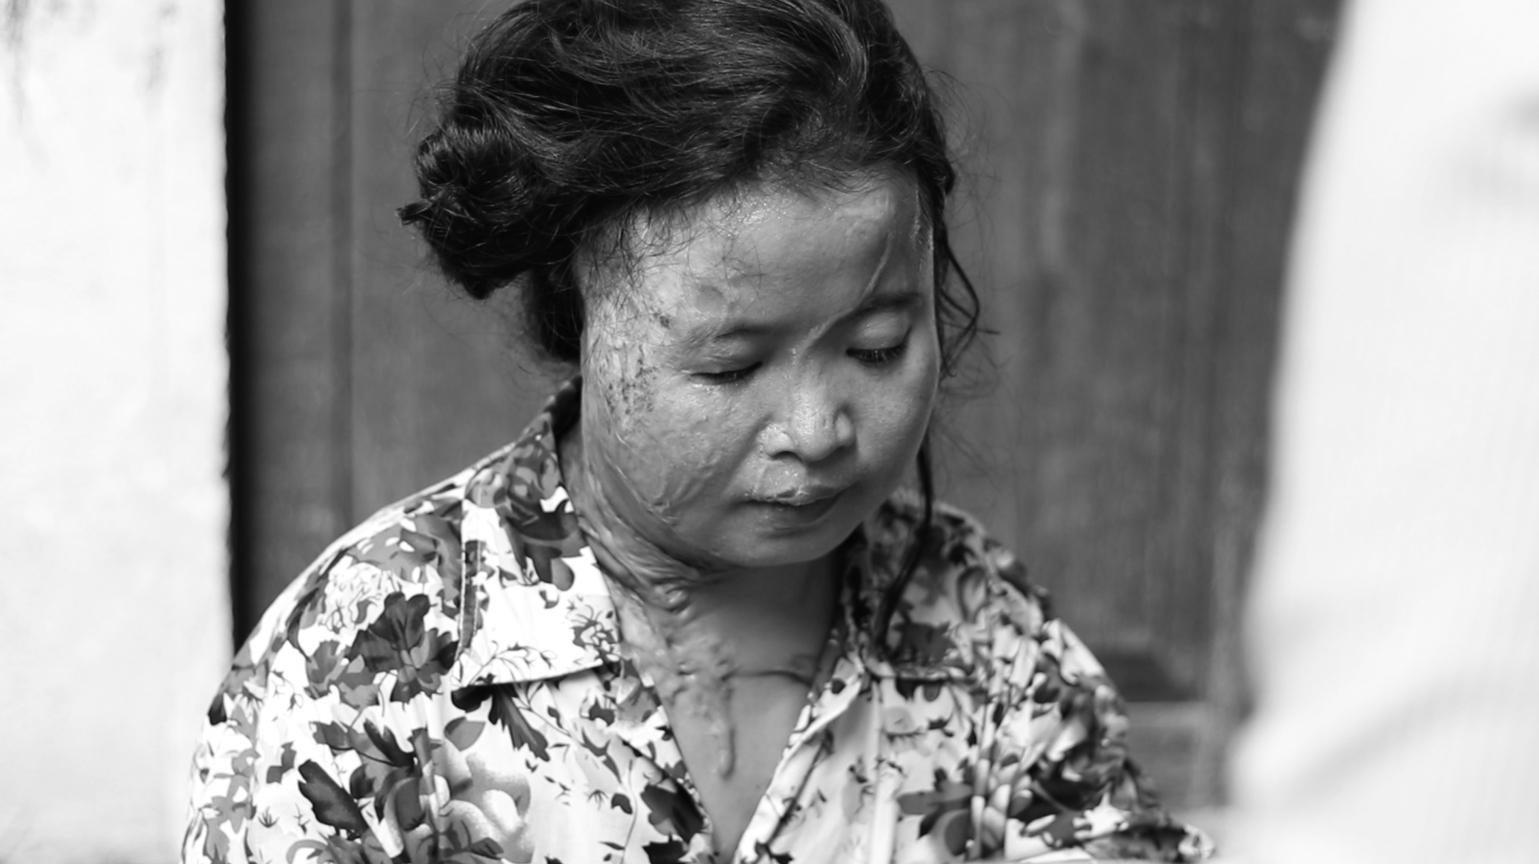 Moung Sreymom, victime d'une attaque à l'acide perpétrée le 19 novembre 2014, photographiée trois ans plus tard à Phnom Penh, au Cambodge.